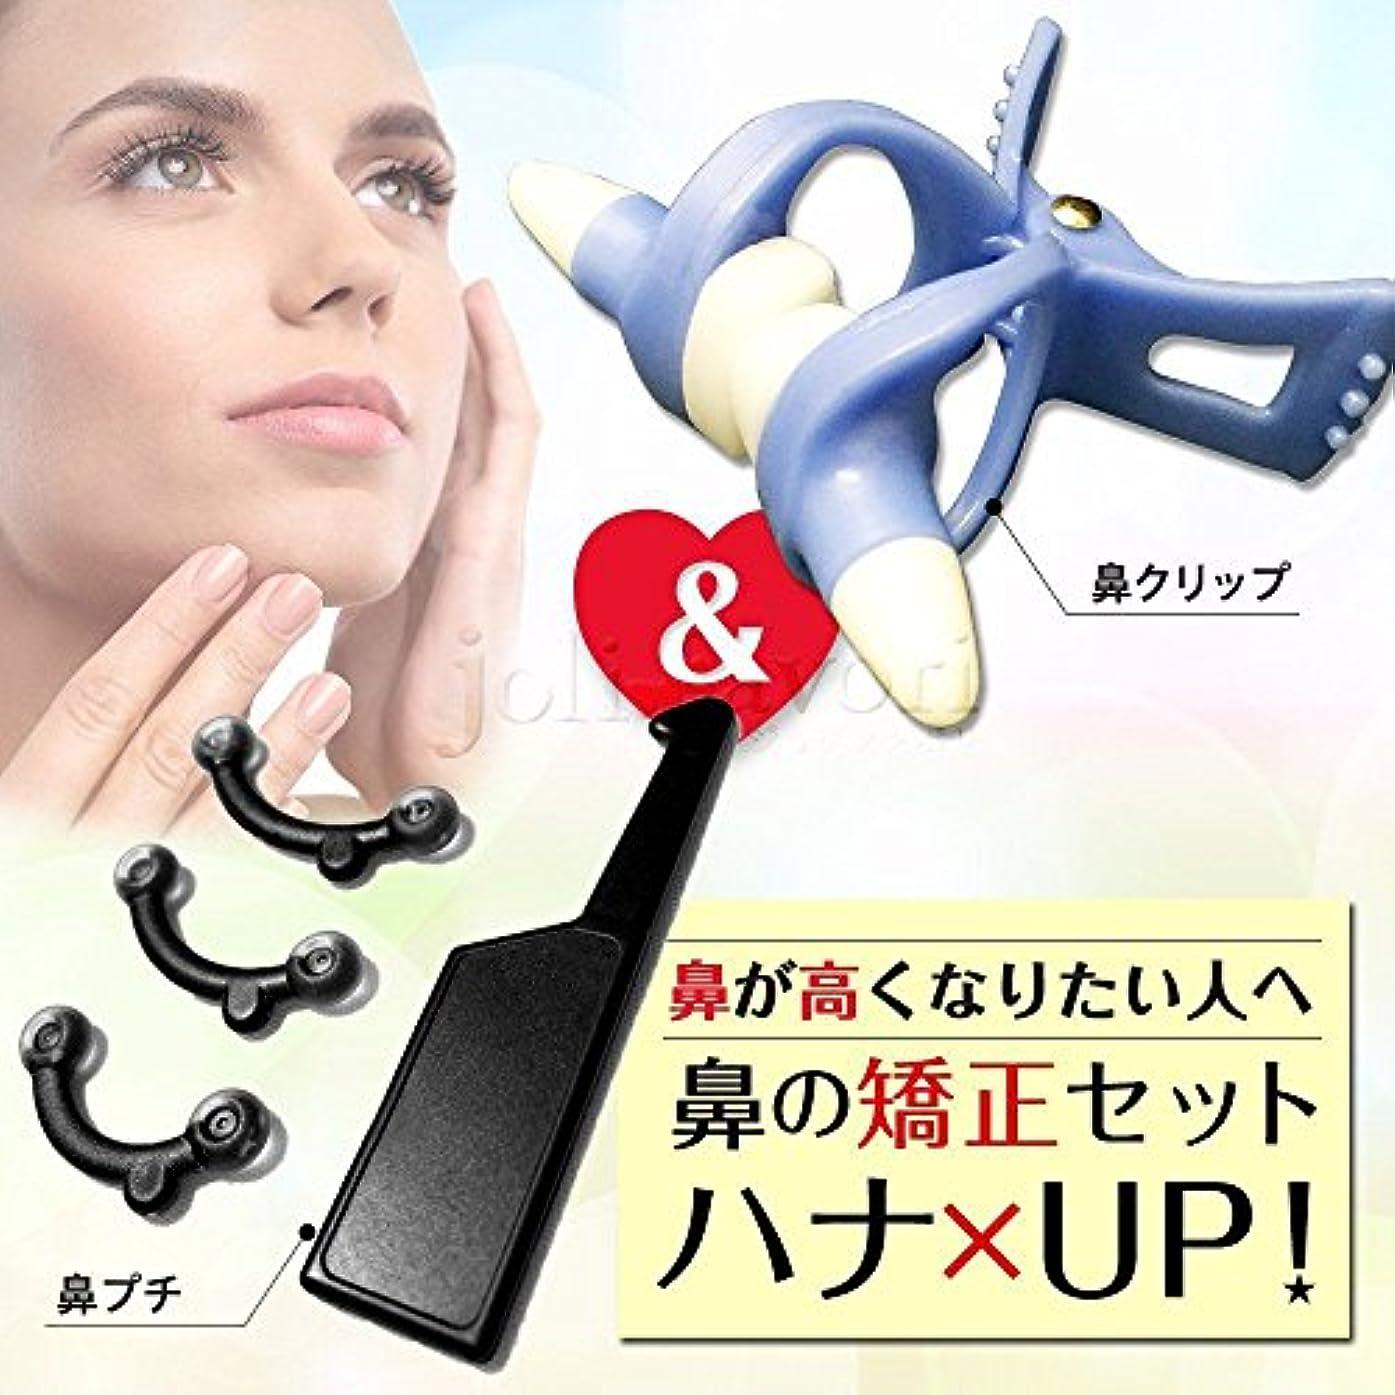 星爆弾どんよりした【jolifavori】鼻プチ&ノーズアップ 着けるだけ簡単!鼻メイク矯正セット